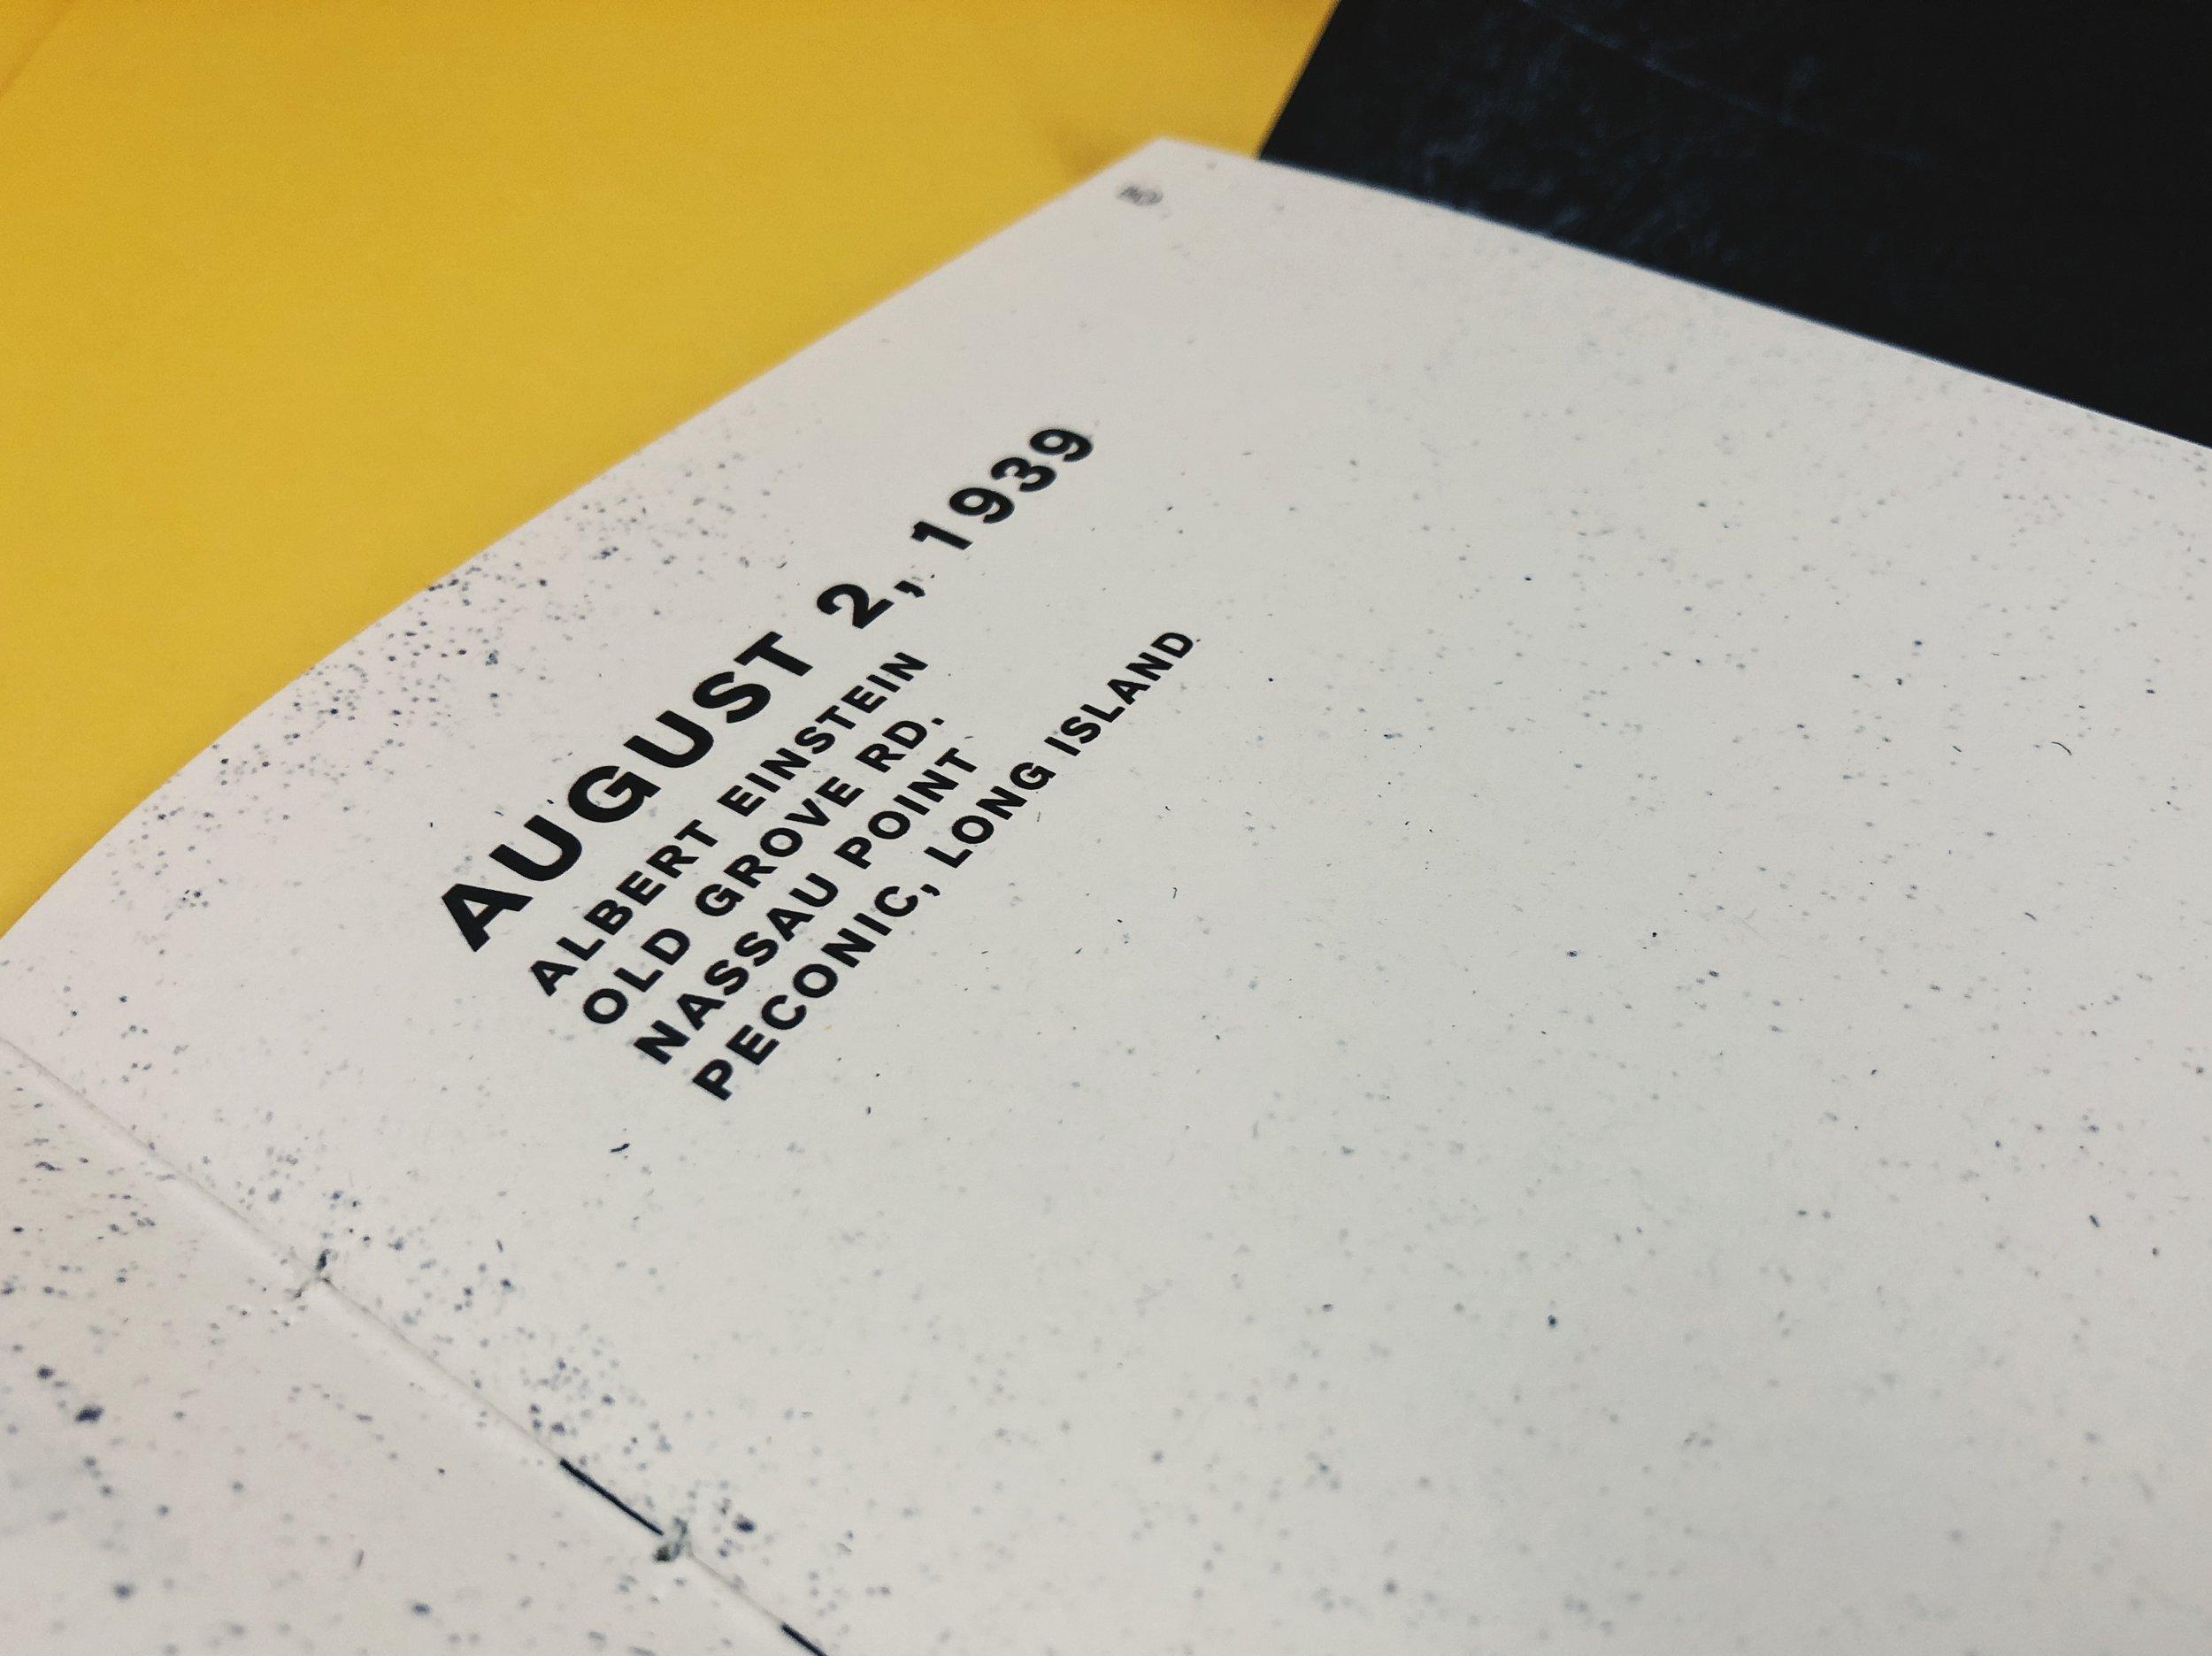 100787ED-306E-4CDE-AA59-1B4422C3F6BE.JPG